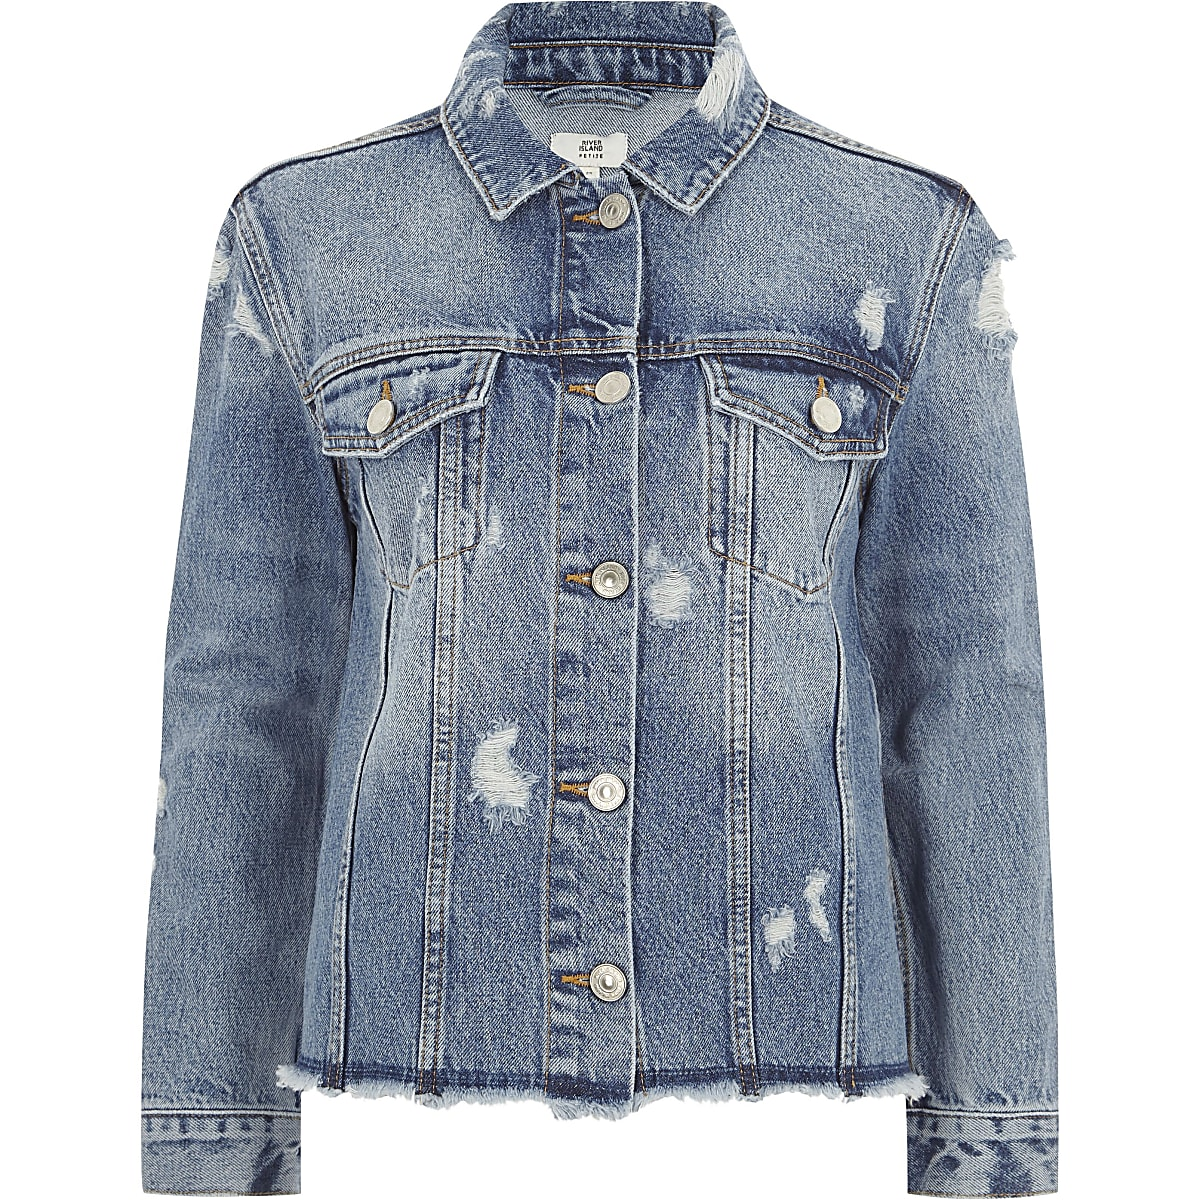 9438b24b3eb Petite mid blue oversized denim jacket - Jackets - Coats & Jackets ...